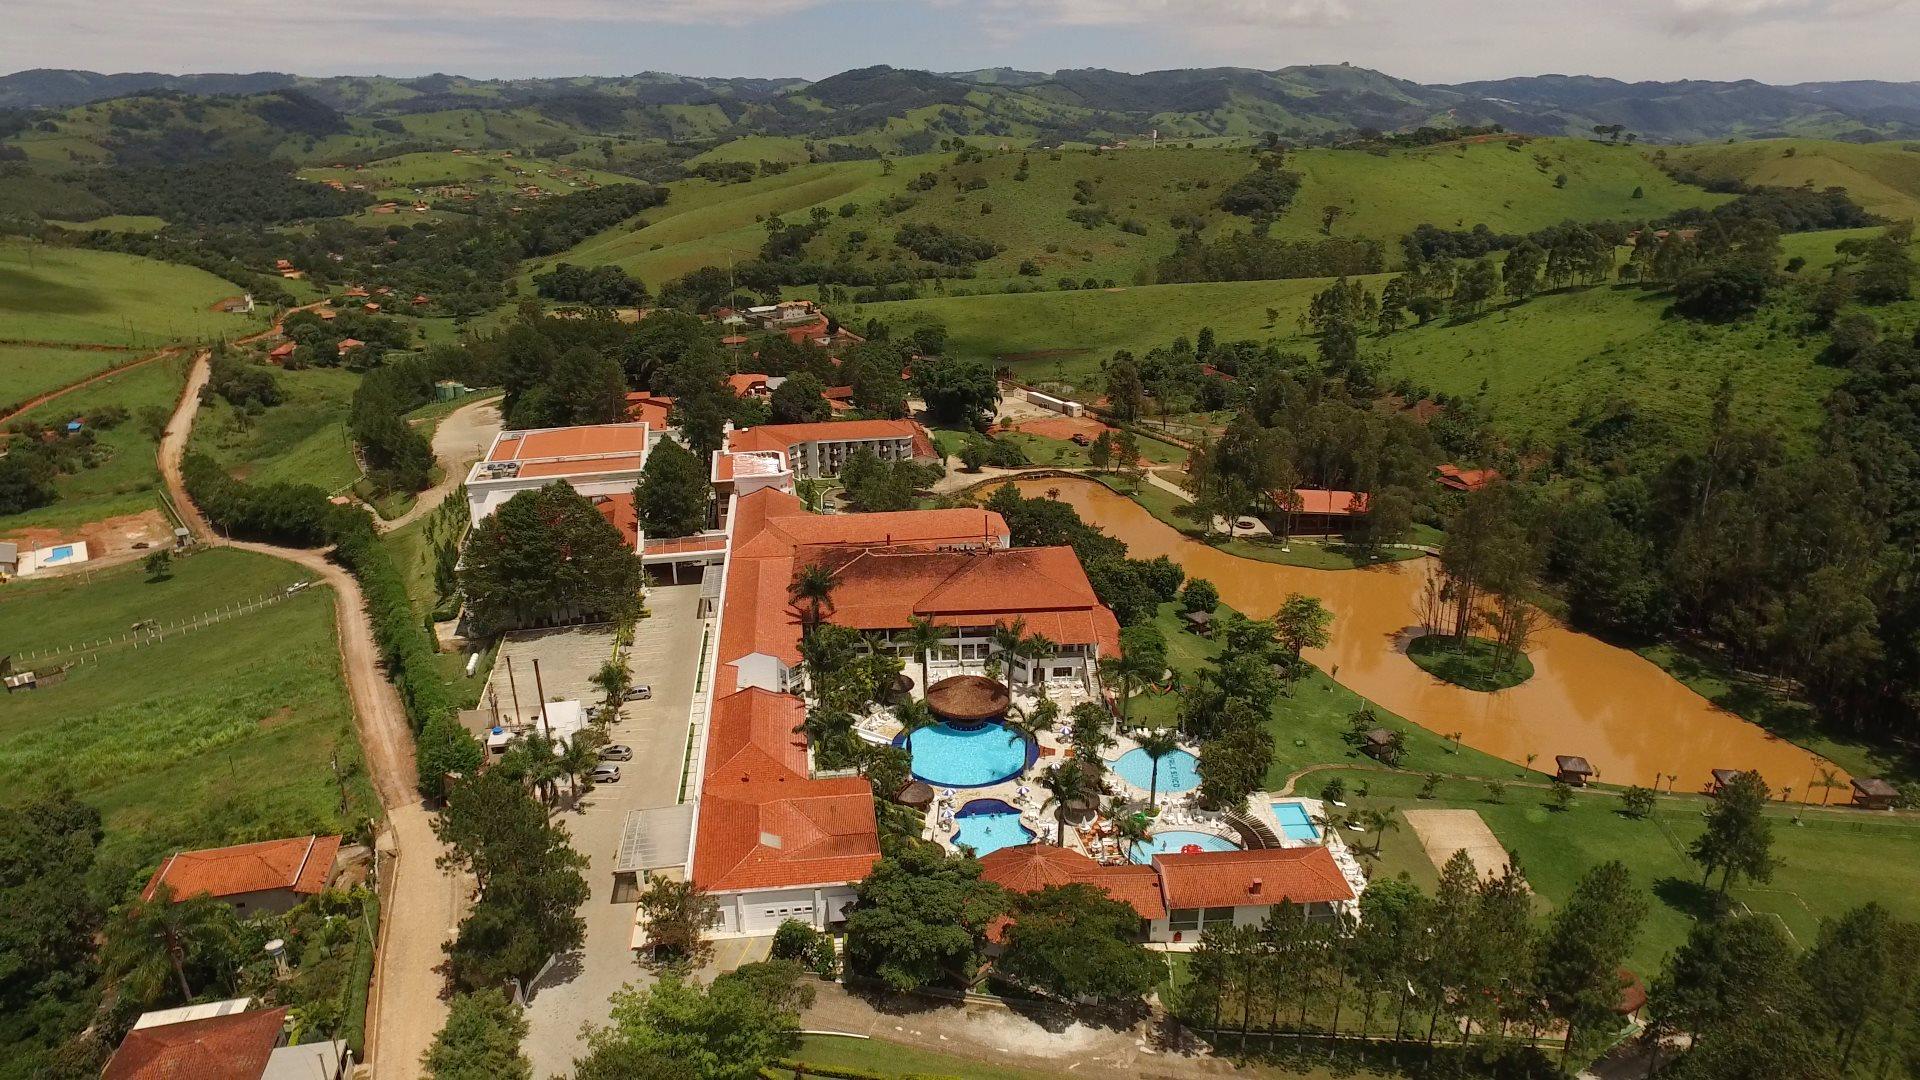 Fotografia Aérea Resort Vale Suiço